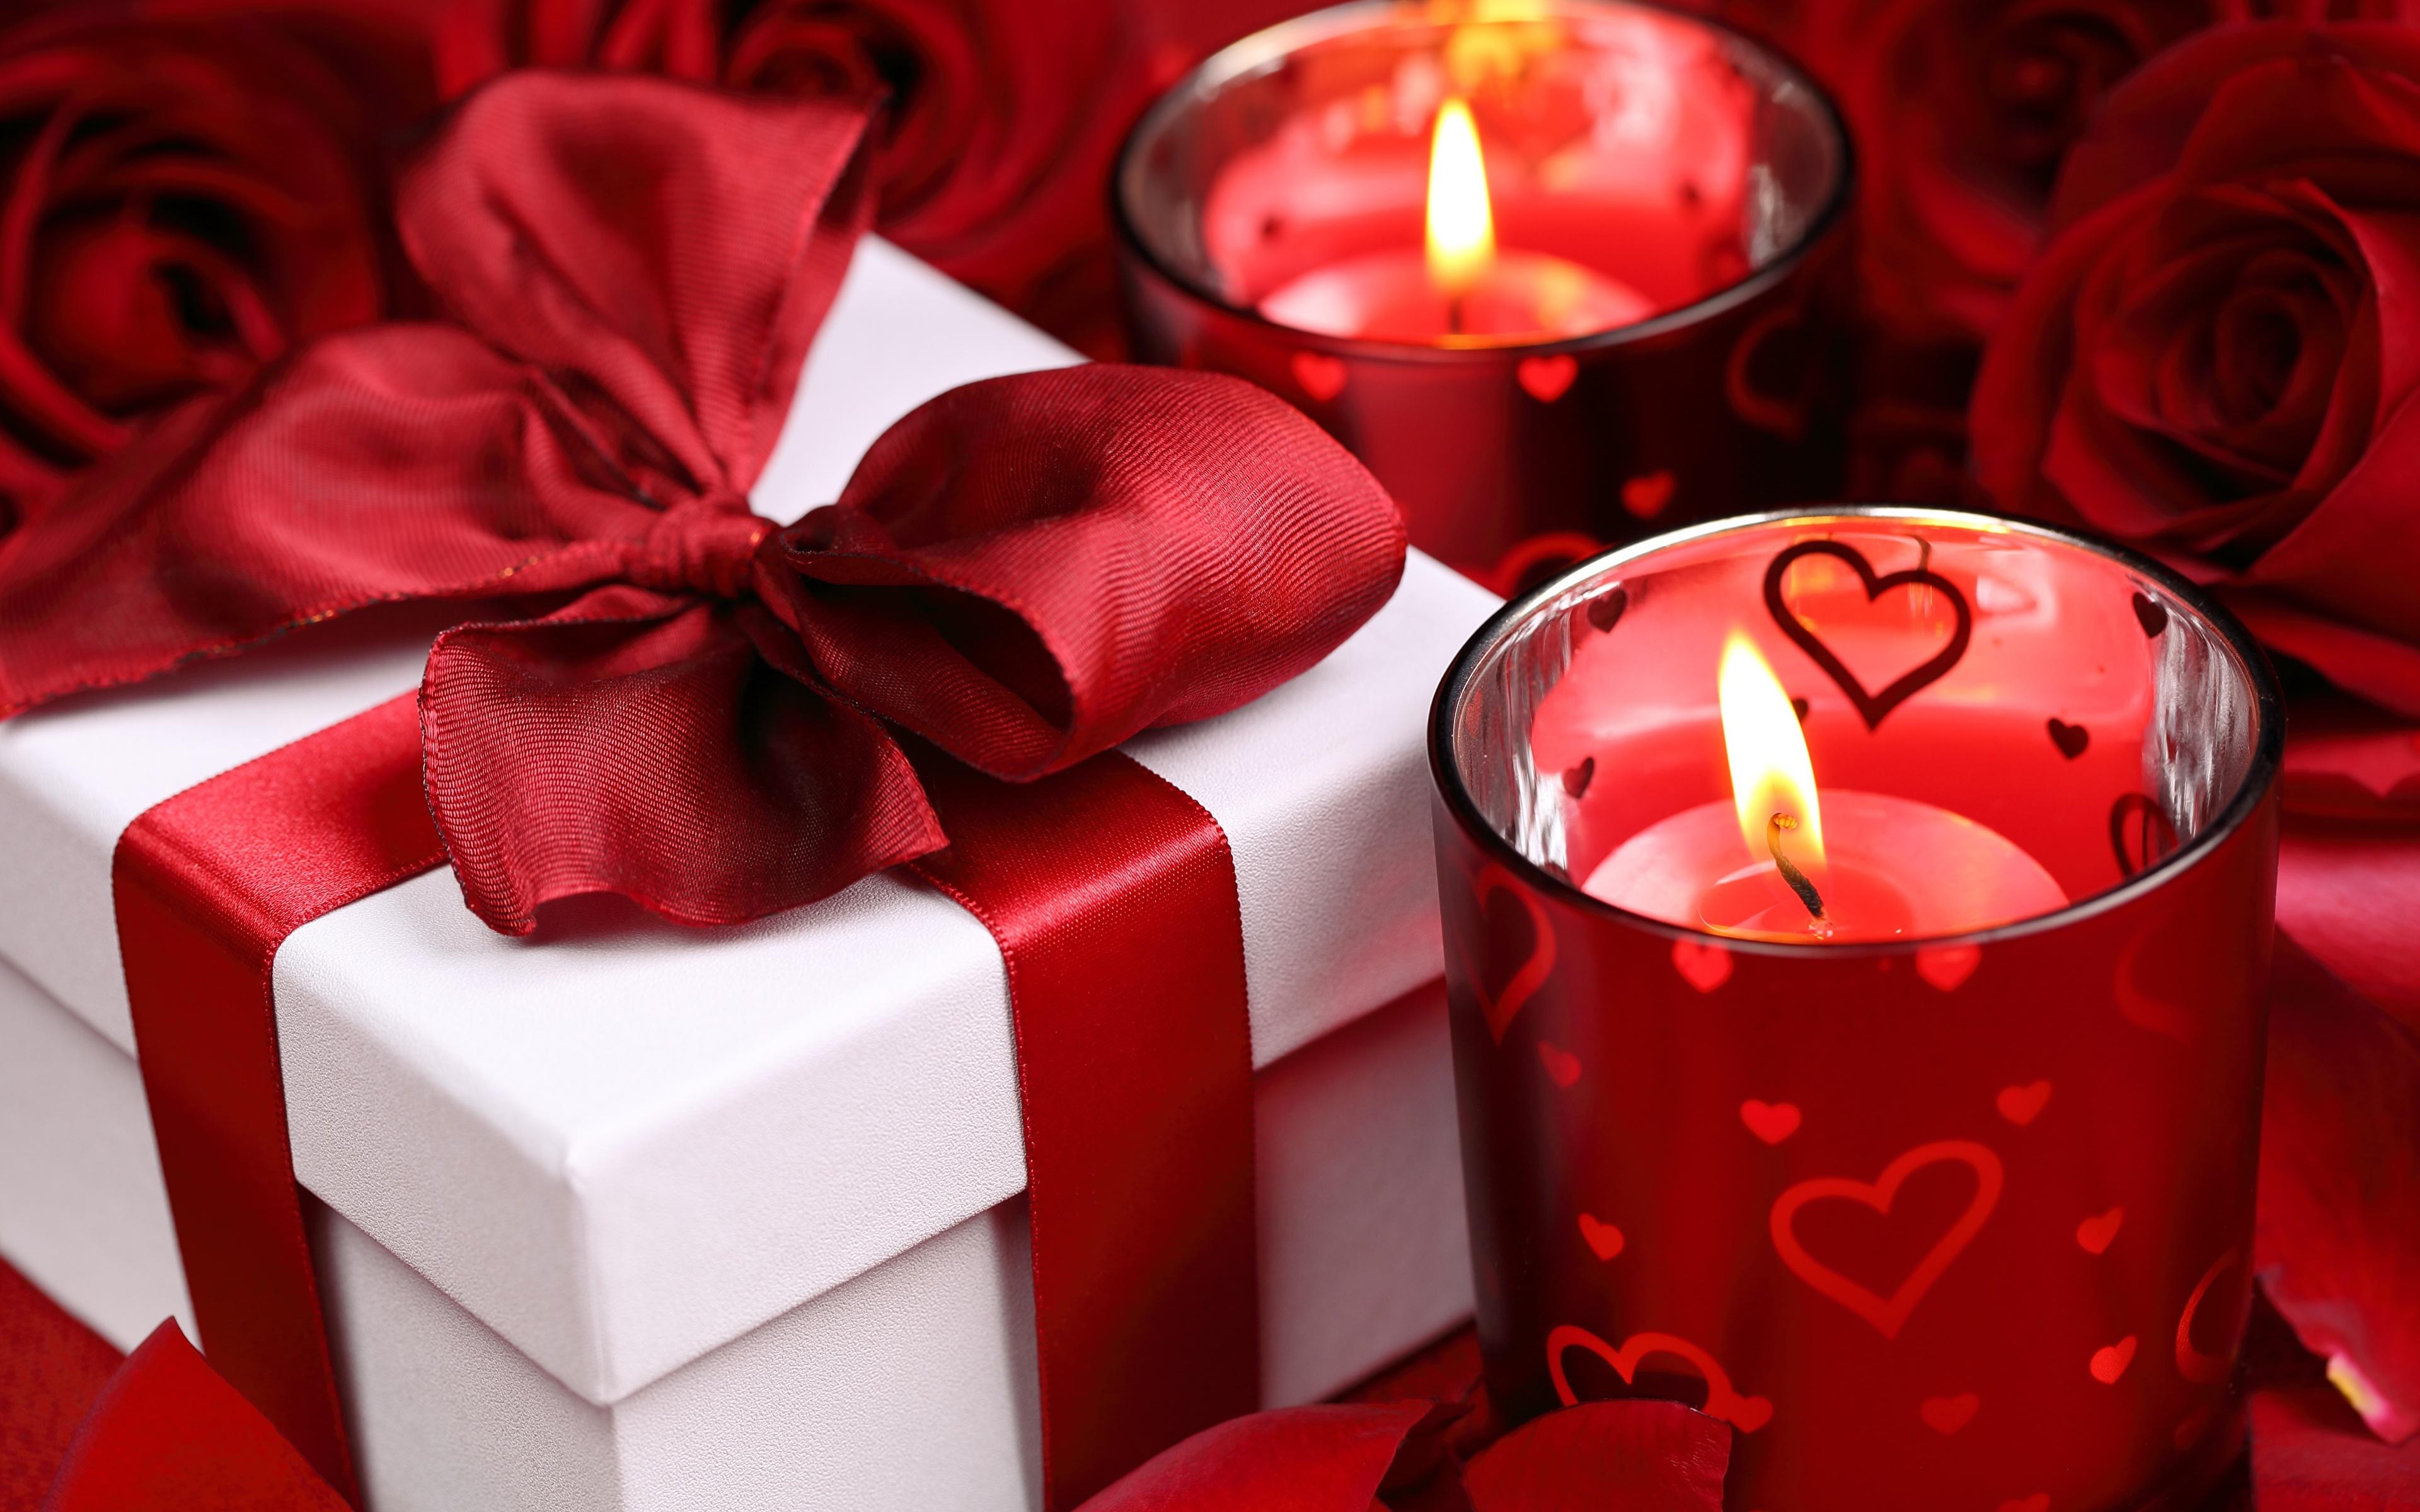 Свеча и сердце бесплатно